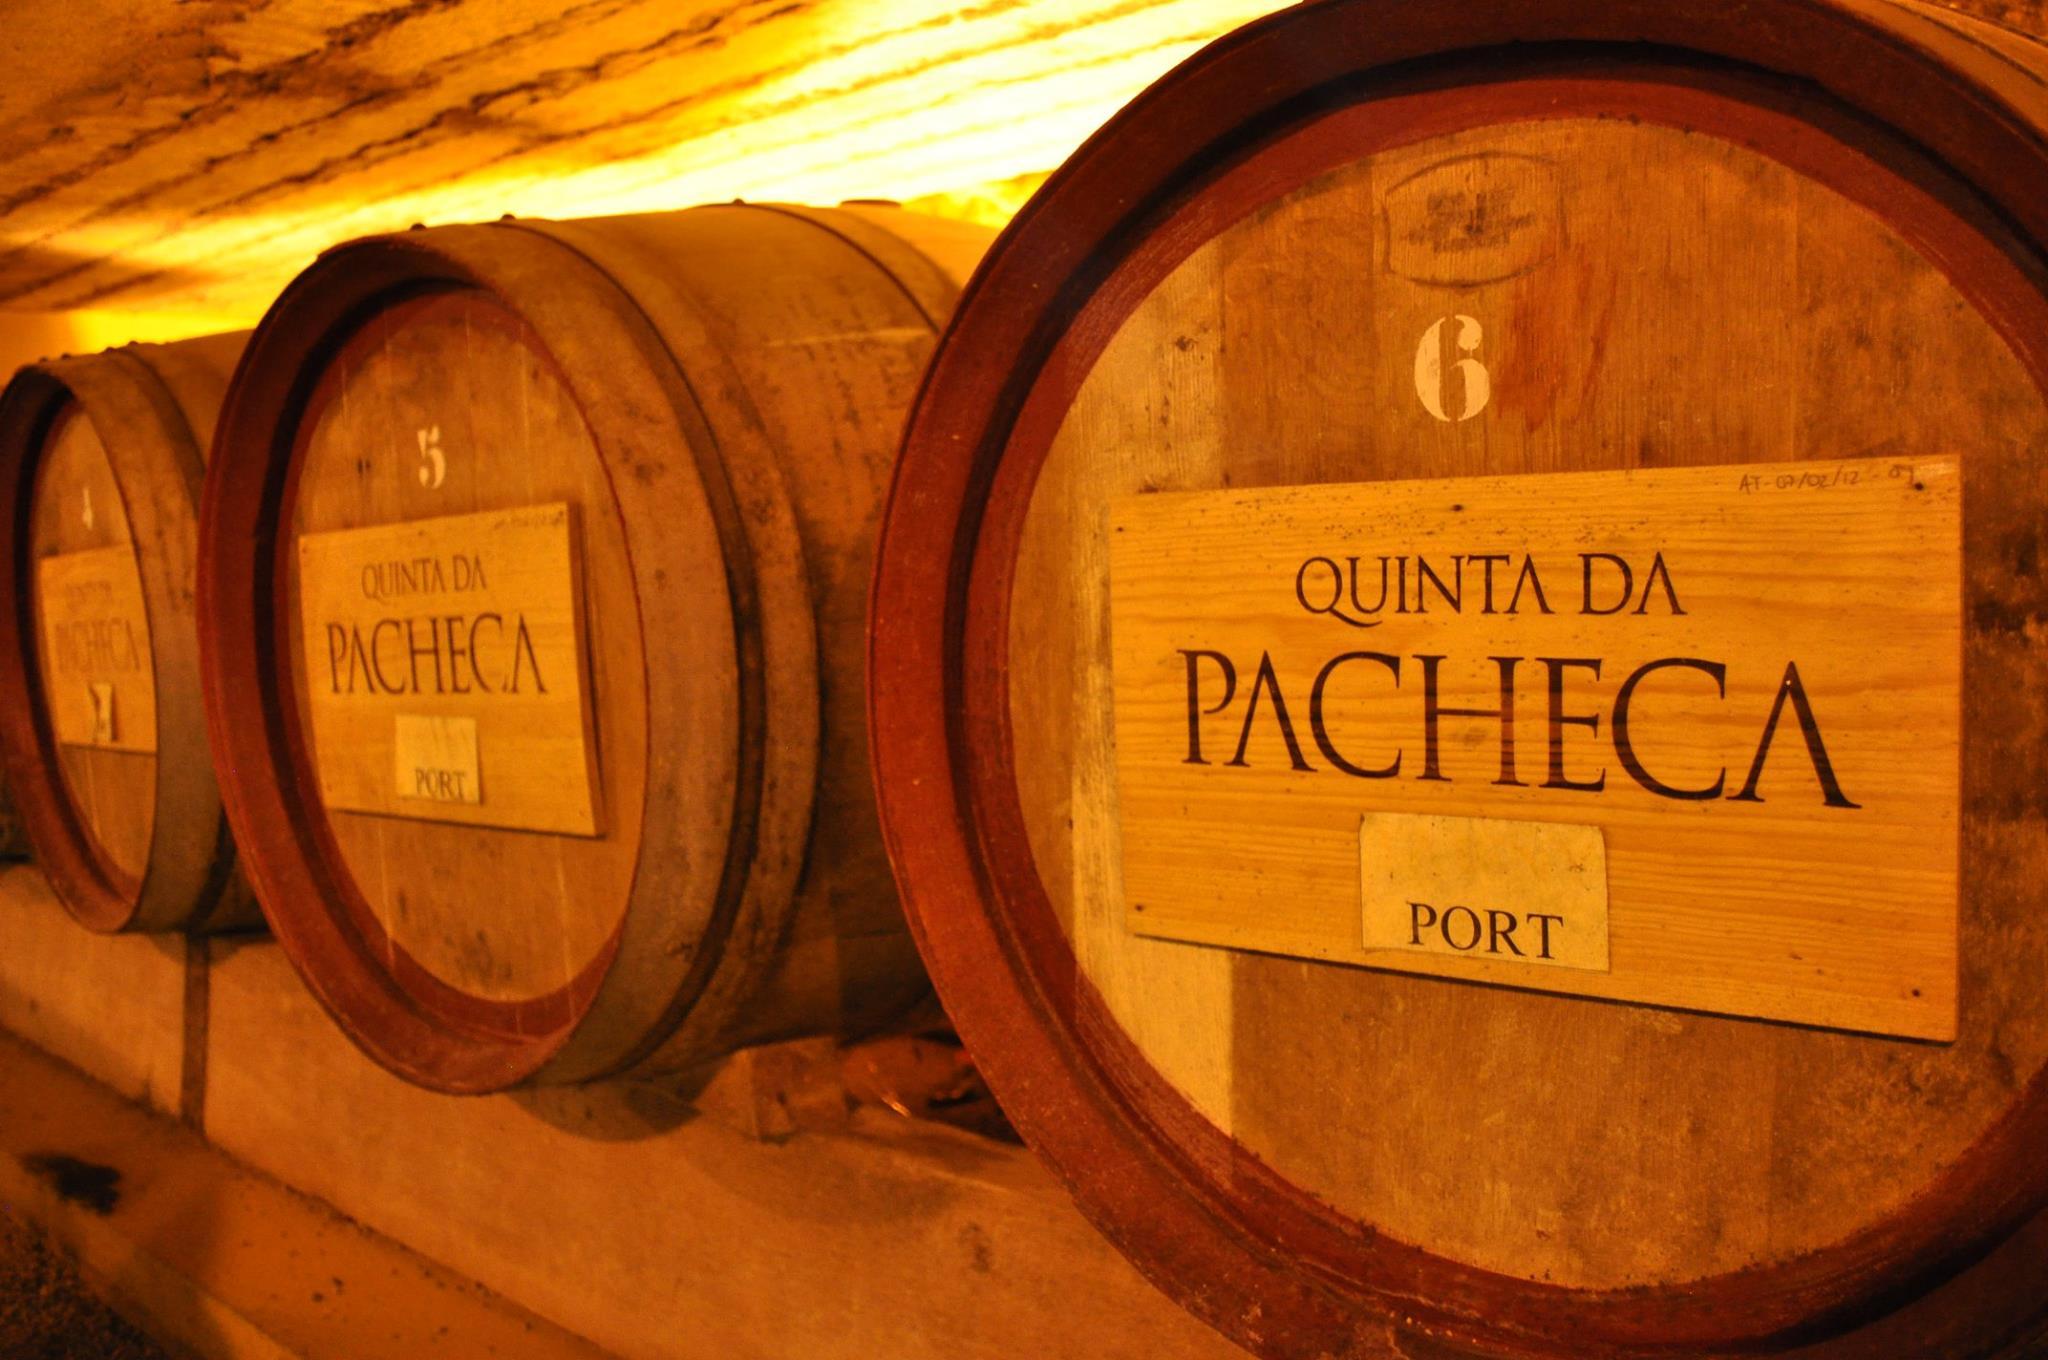 Quinta da Pacheca – Prova & Lagarada Tradicional